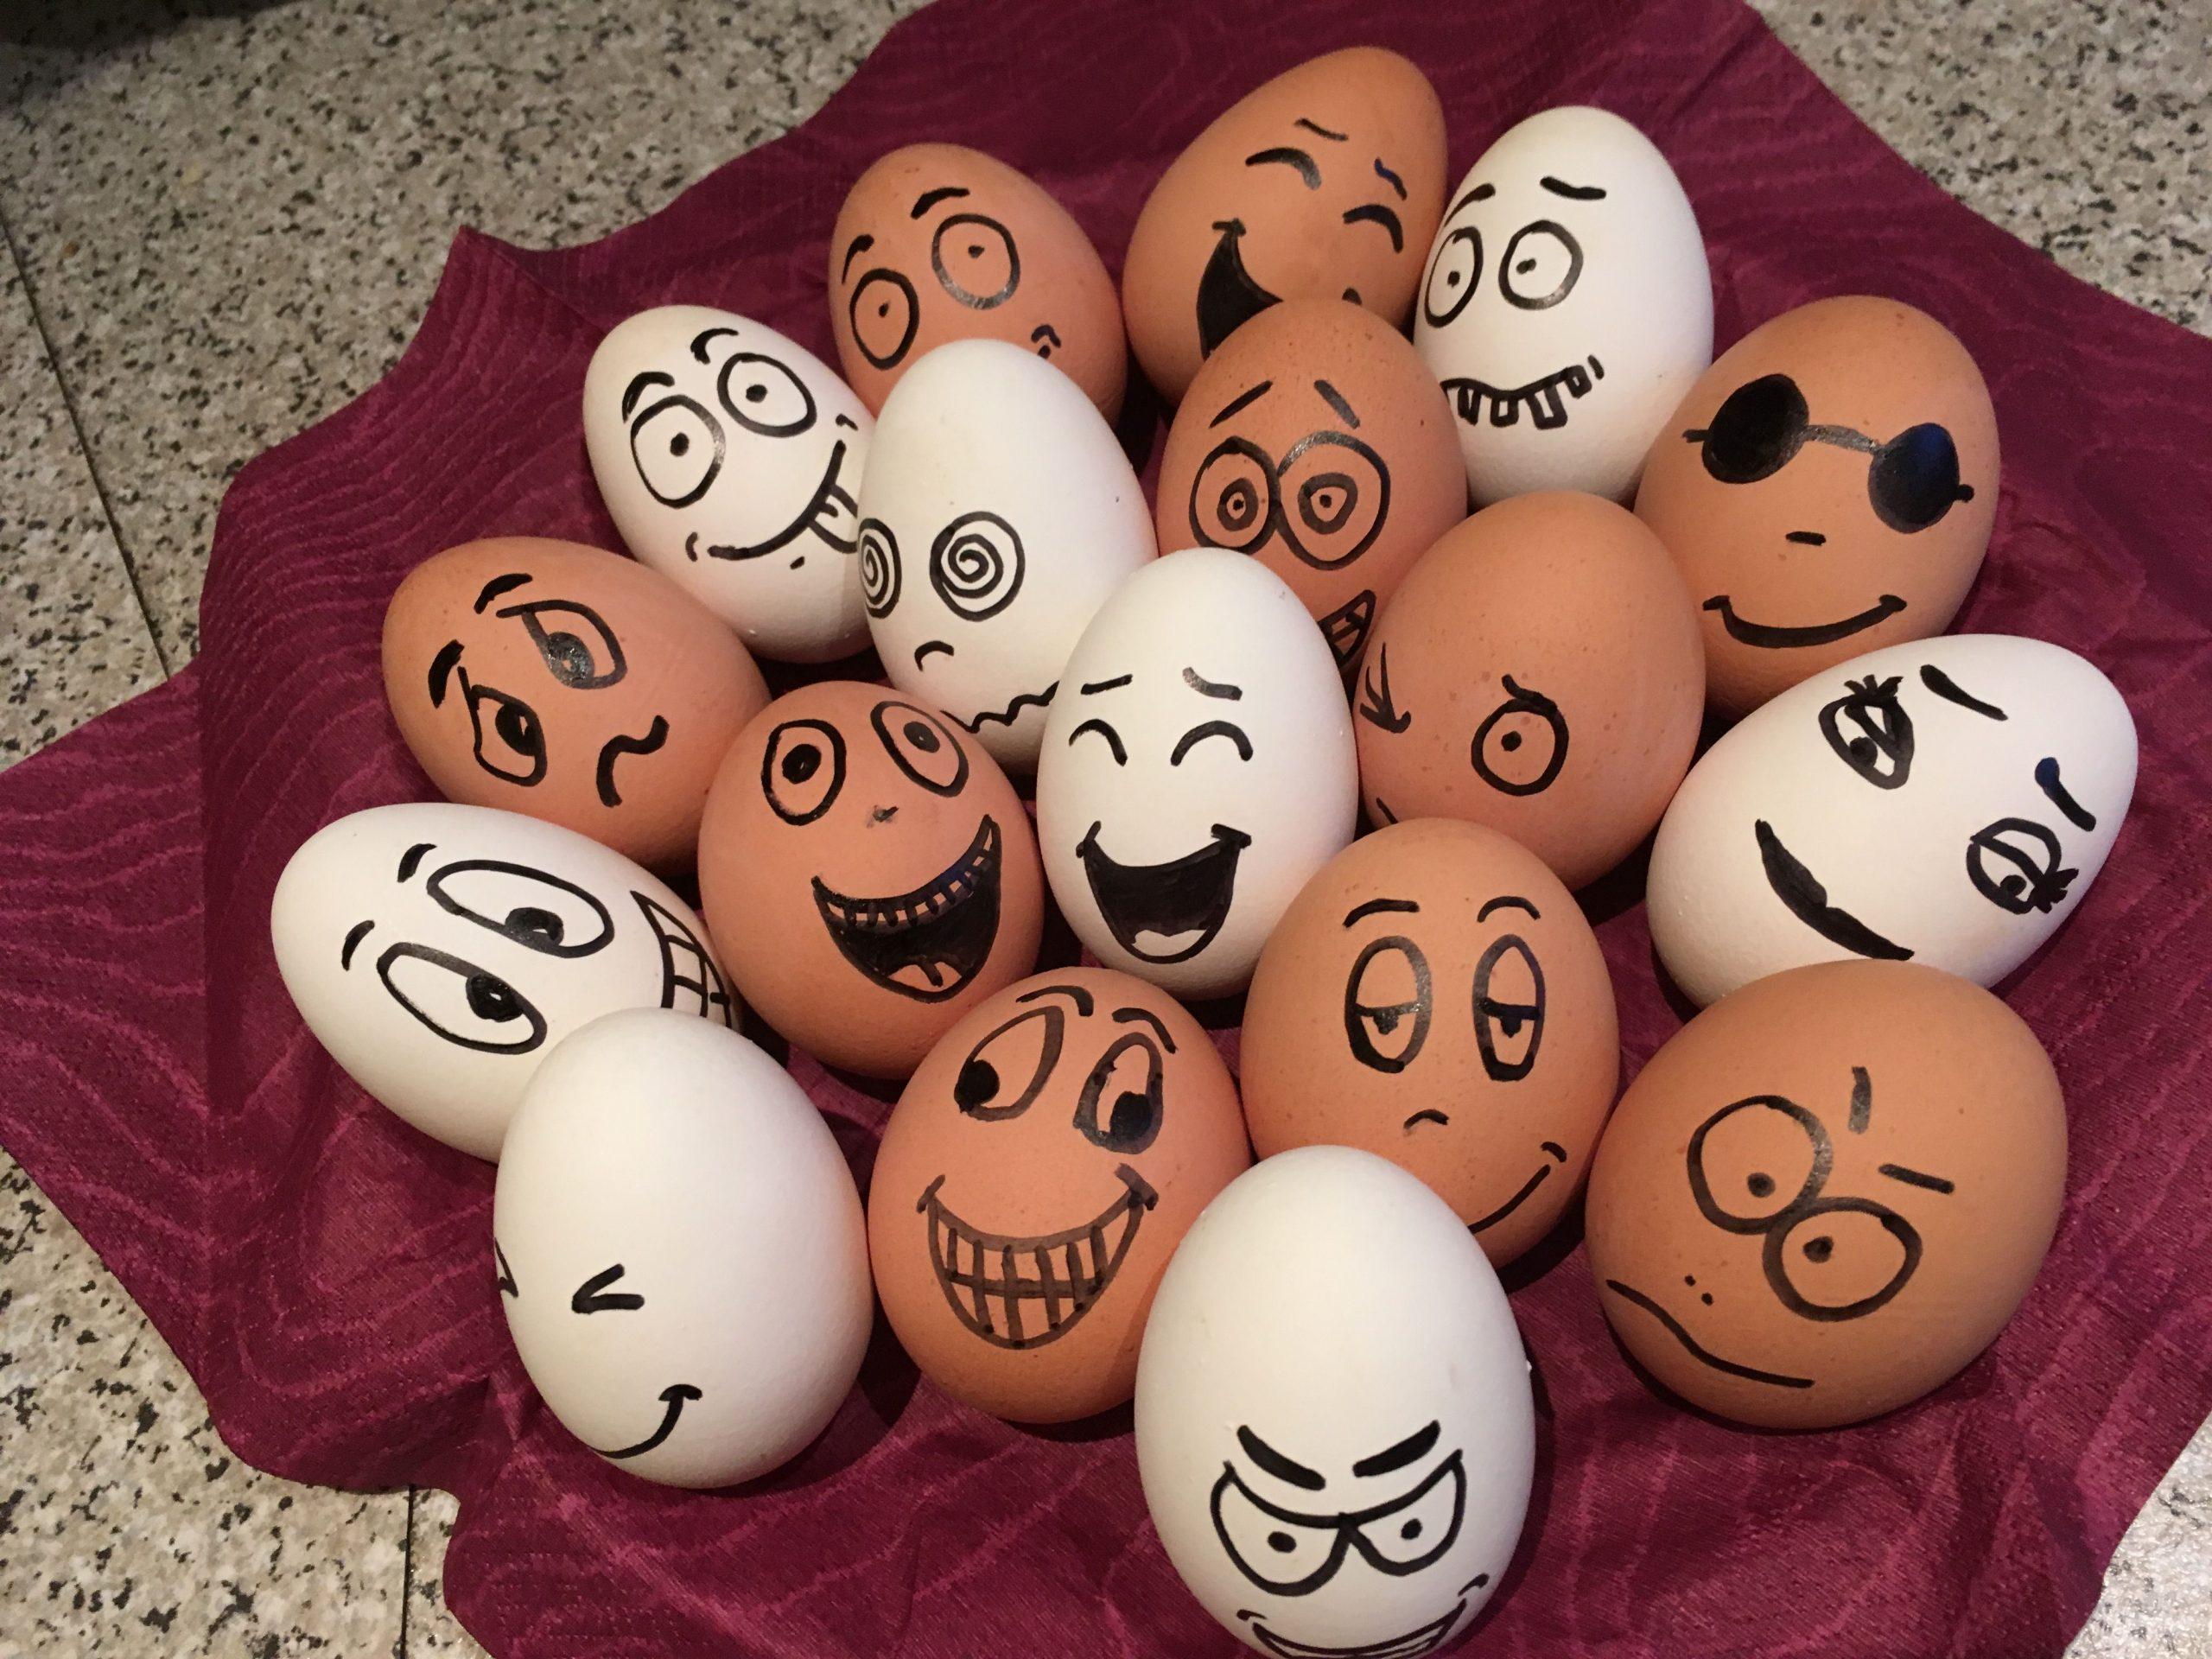 lustige gesichter auf eiern - kinderbilder.download